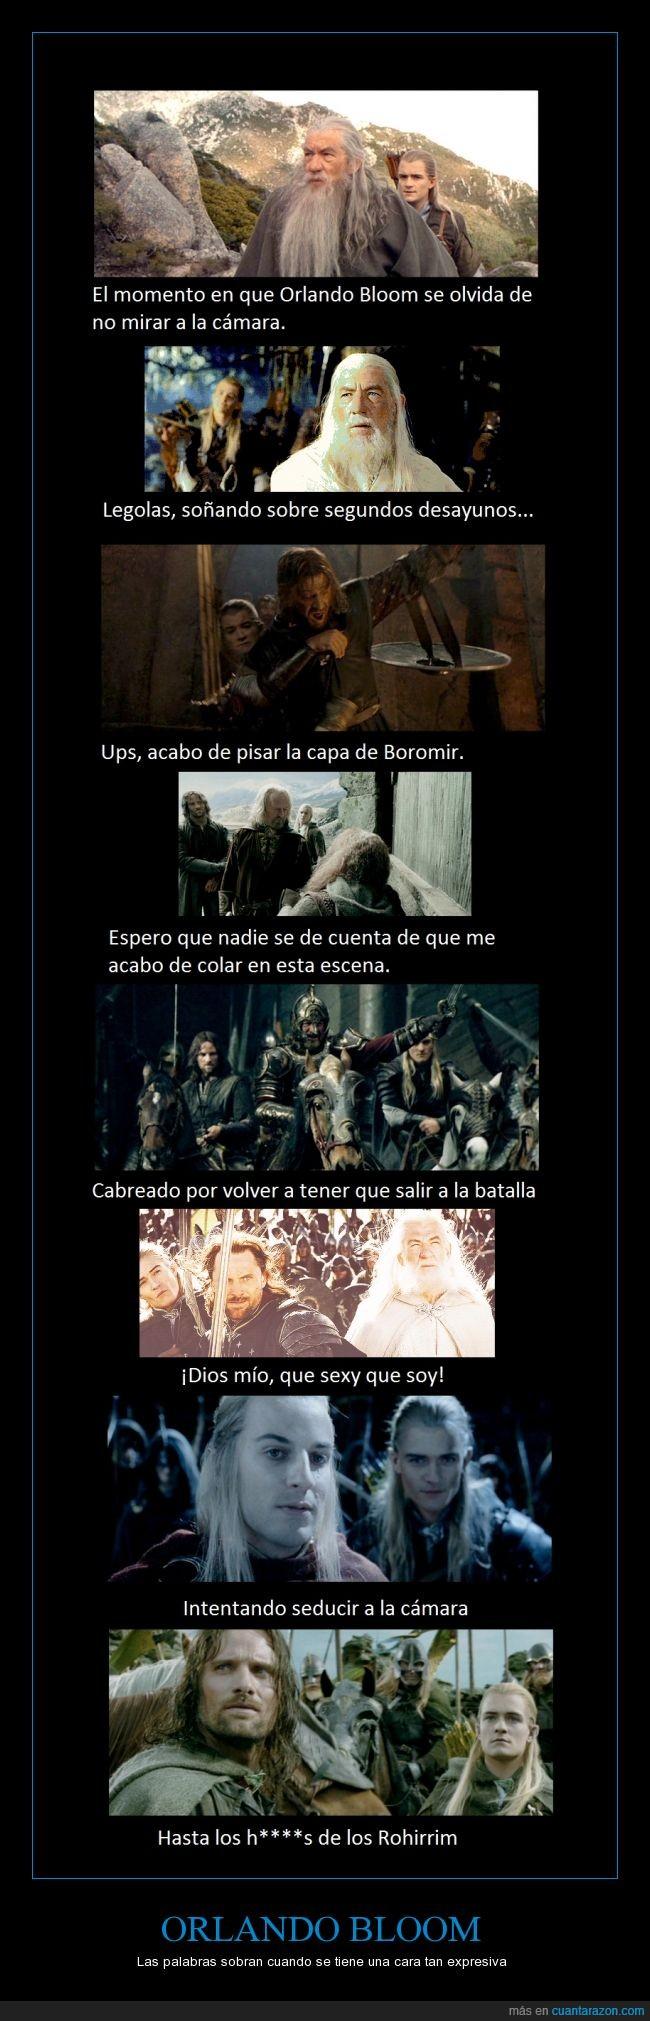 caretos,detrás,El señor de los anillos,Hobbit,Legolas,LOTR,Orlando Bloom,personaje